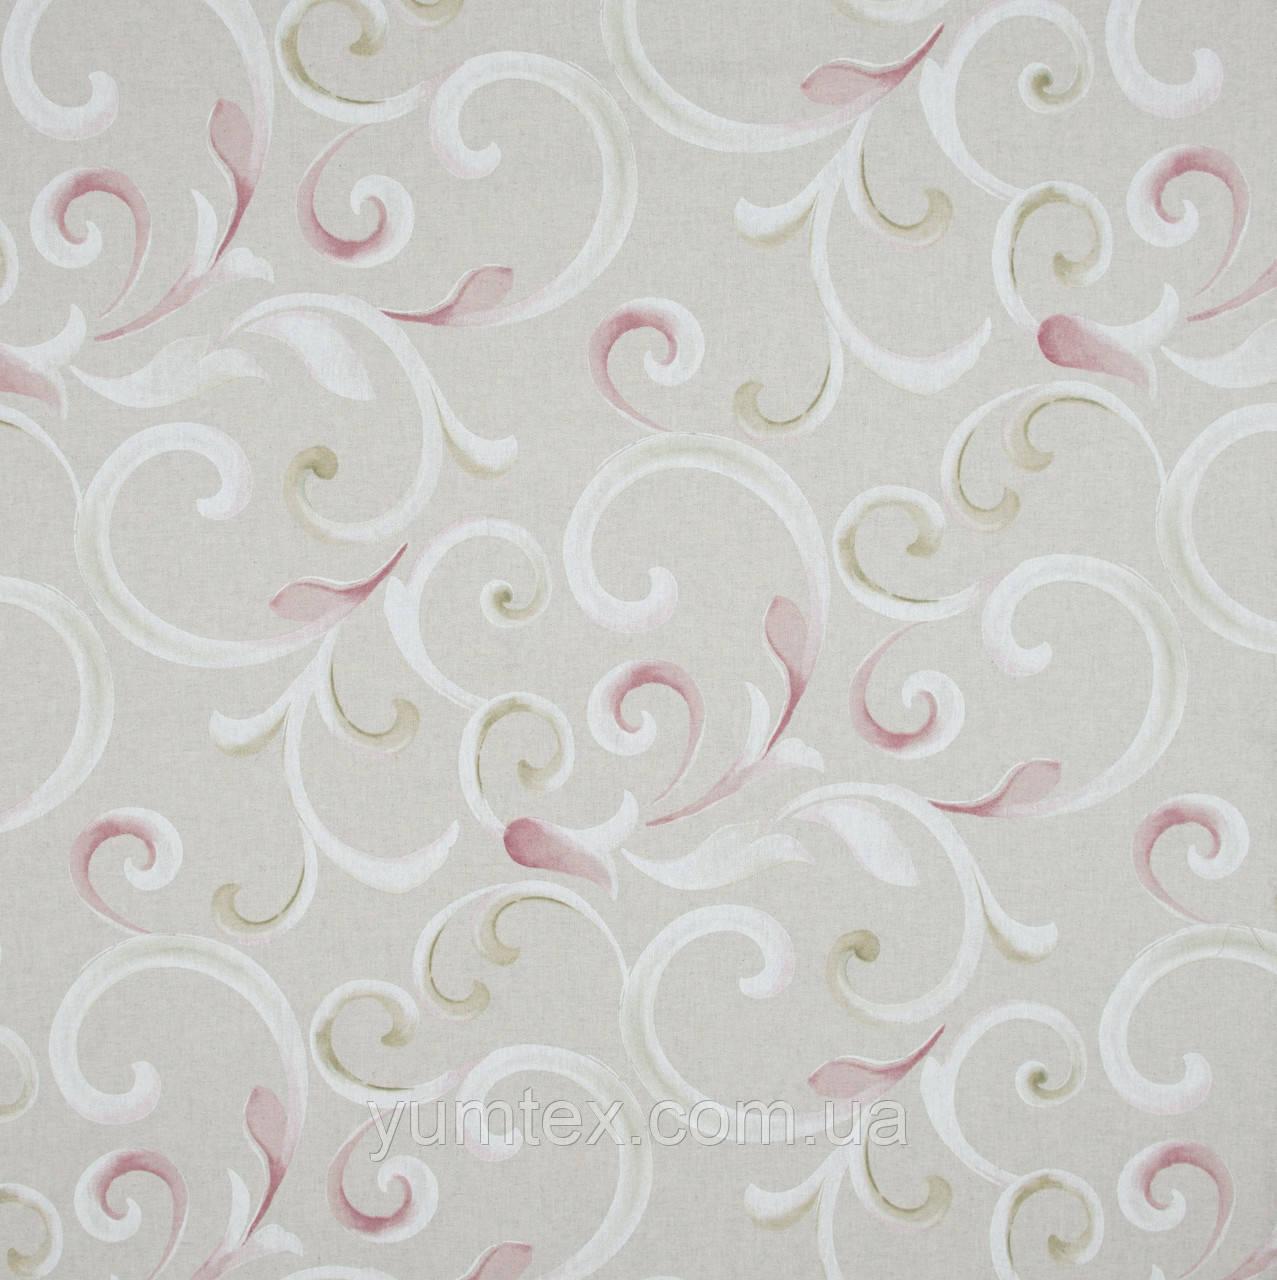 Декоративная ткань Петерс завиток фрезово-оливковый